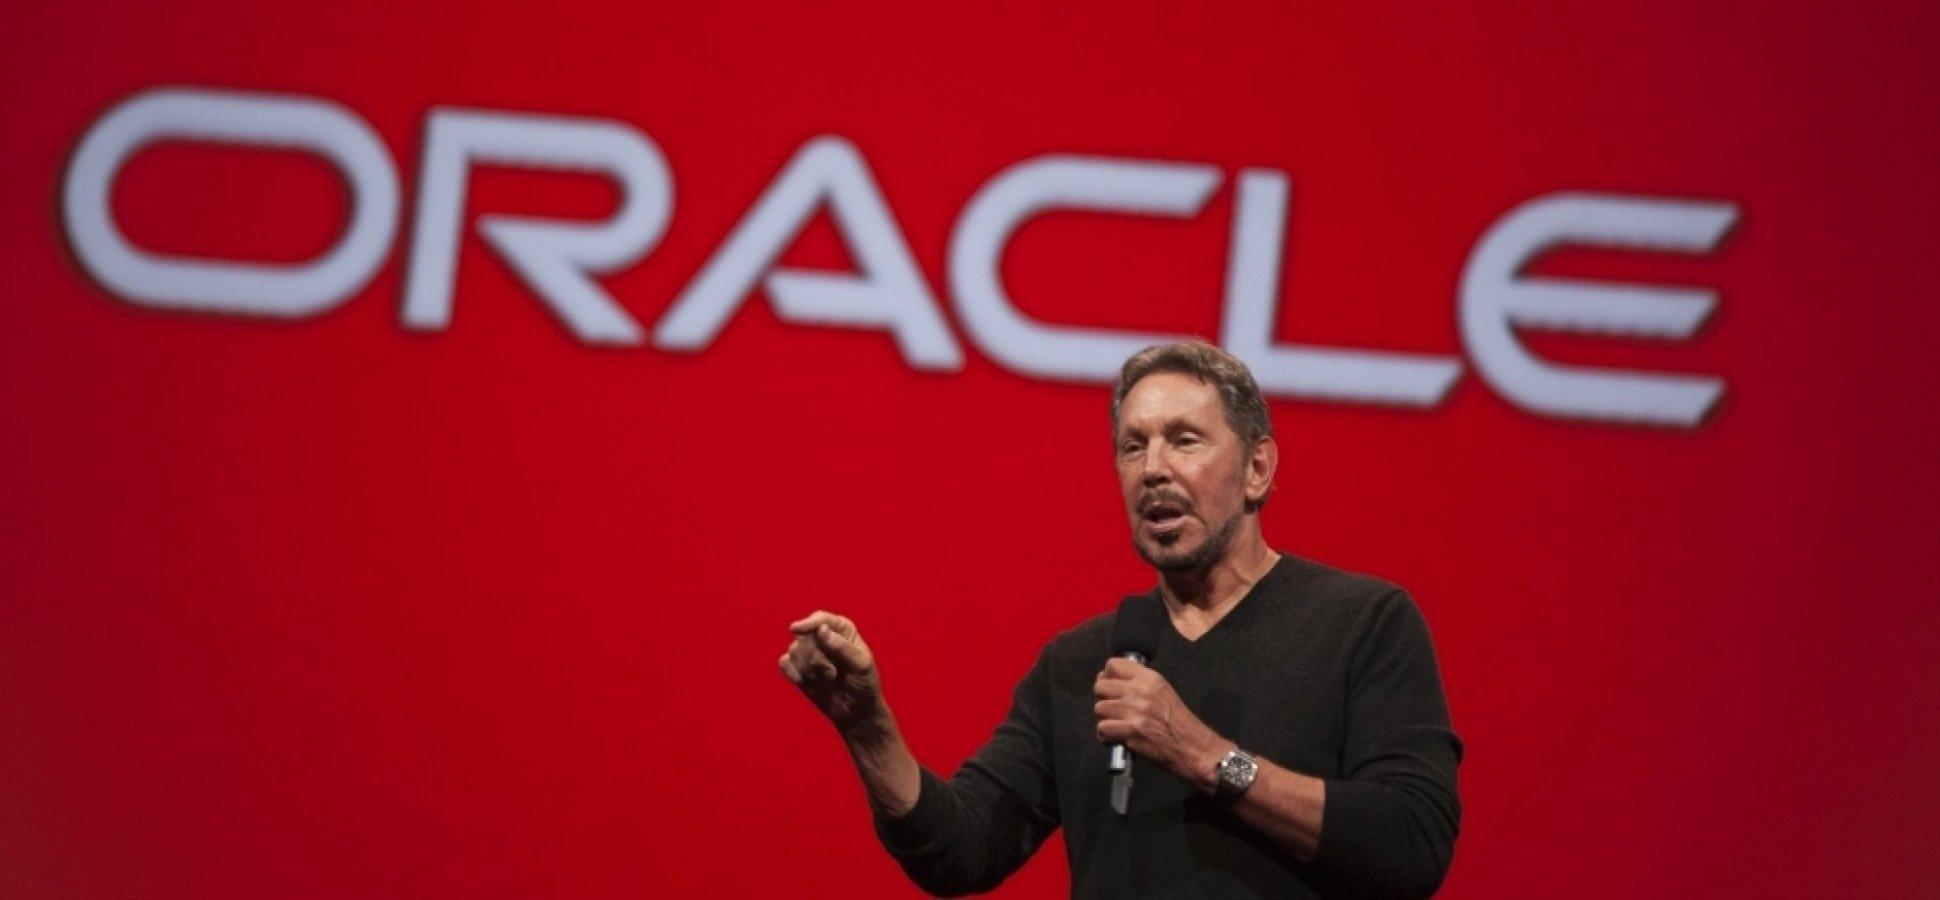 Larry Ellison N°7 dueño de Oracle de los 35 hombres más ricos del mundo 2017 lista Forbes completa actualizada